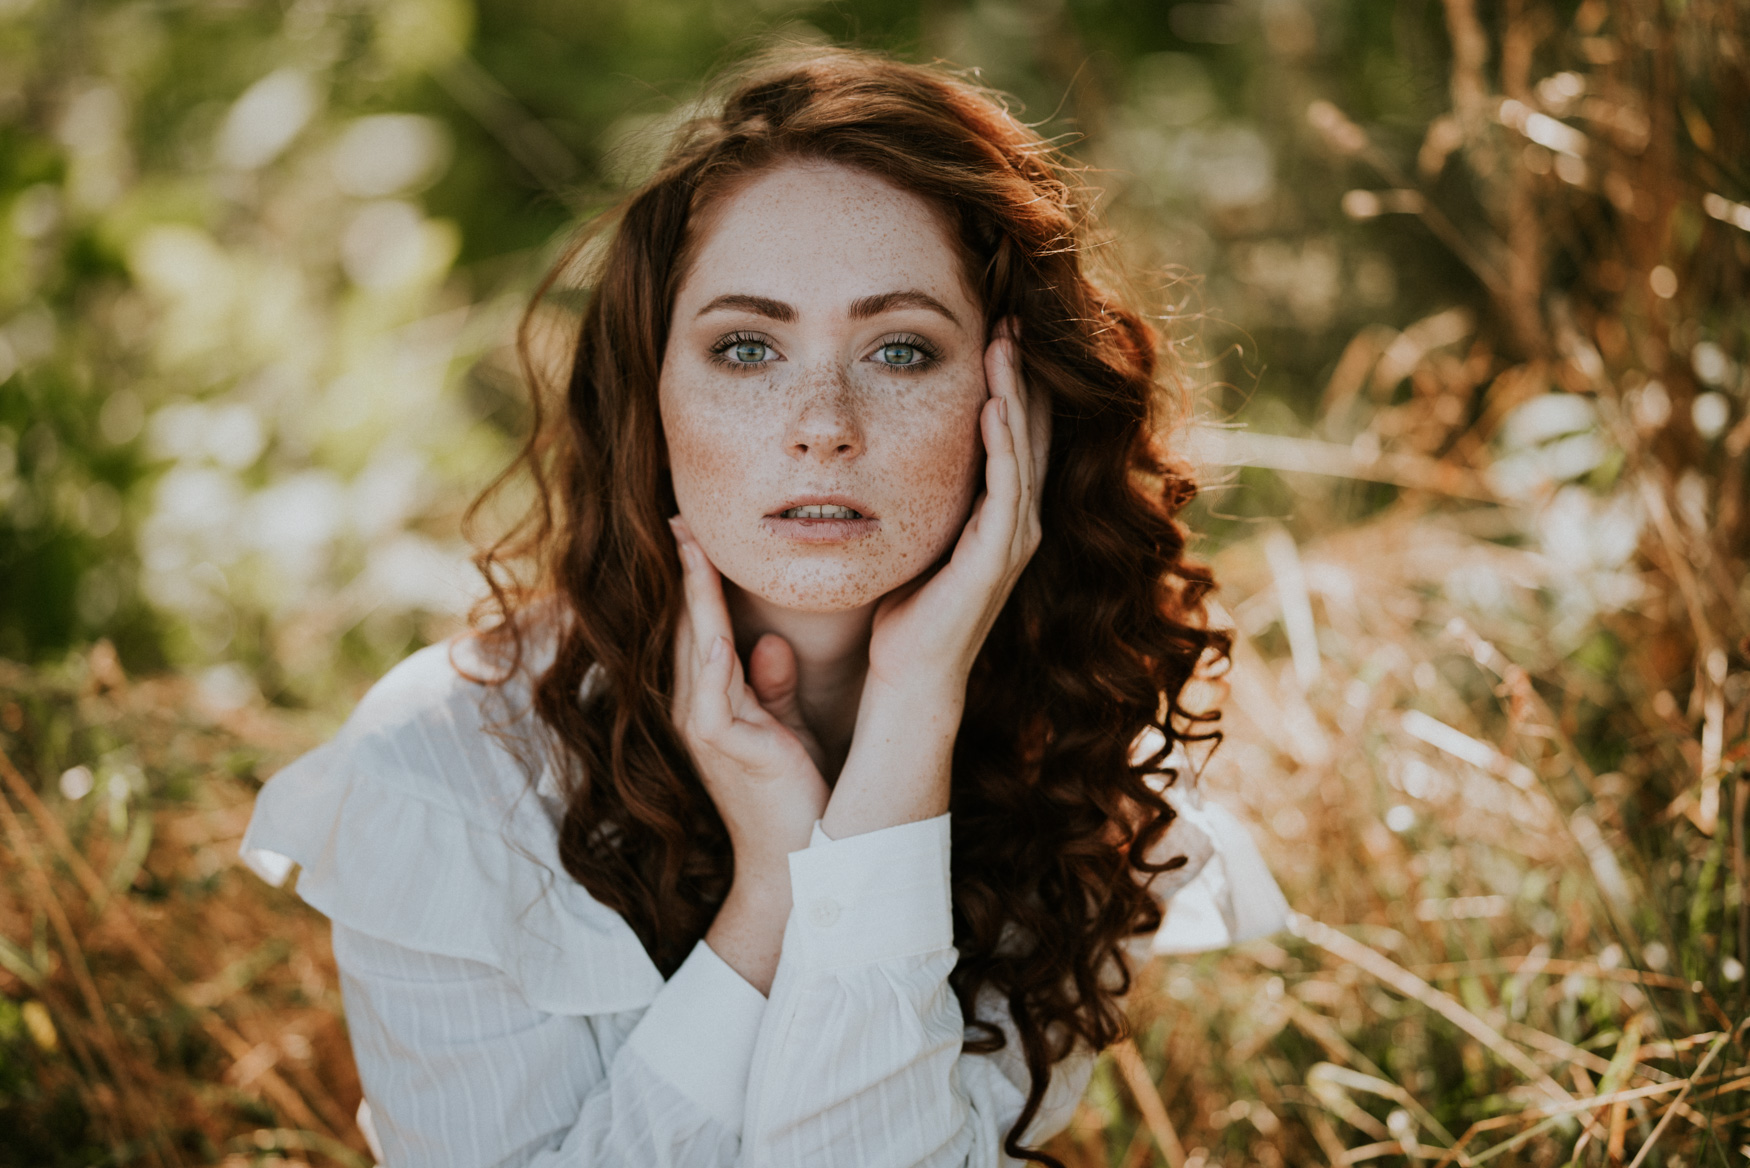 Sesja portretowa Ania z Zielonego Wzgórza